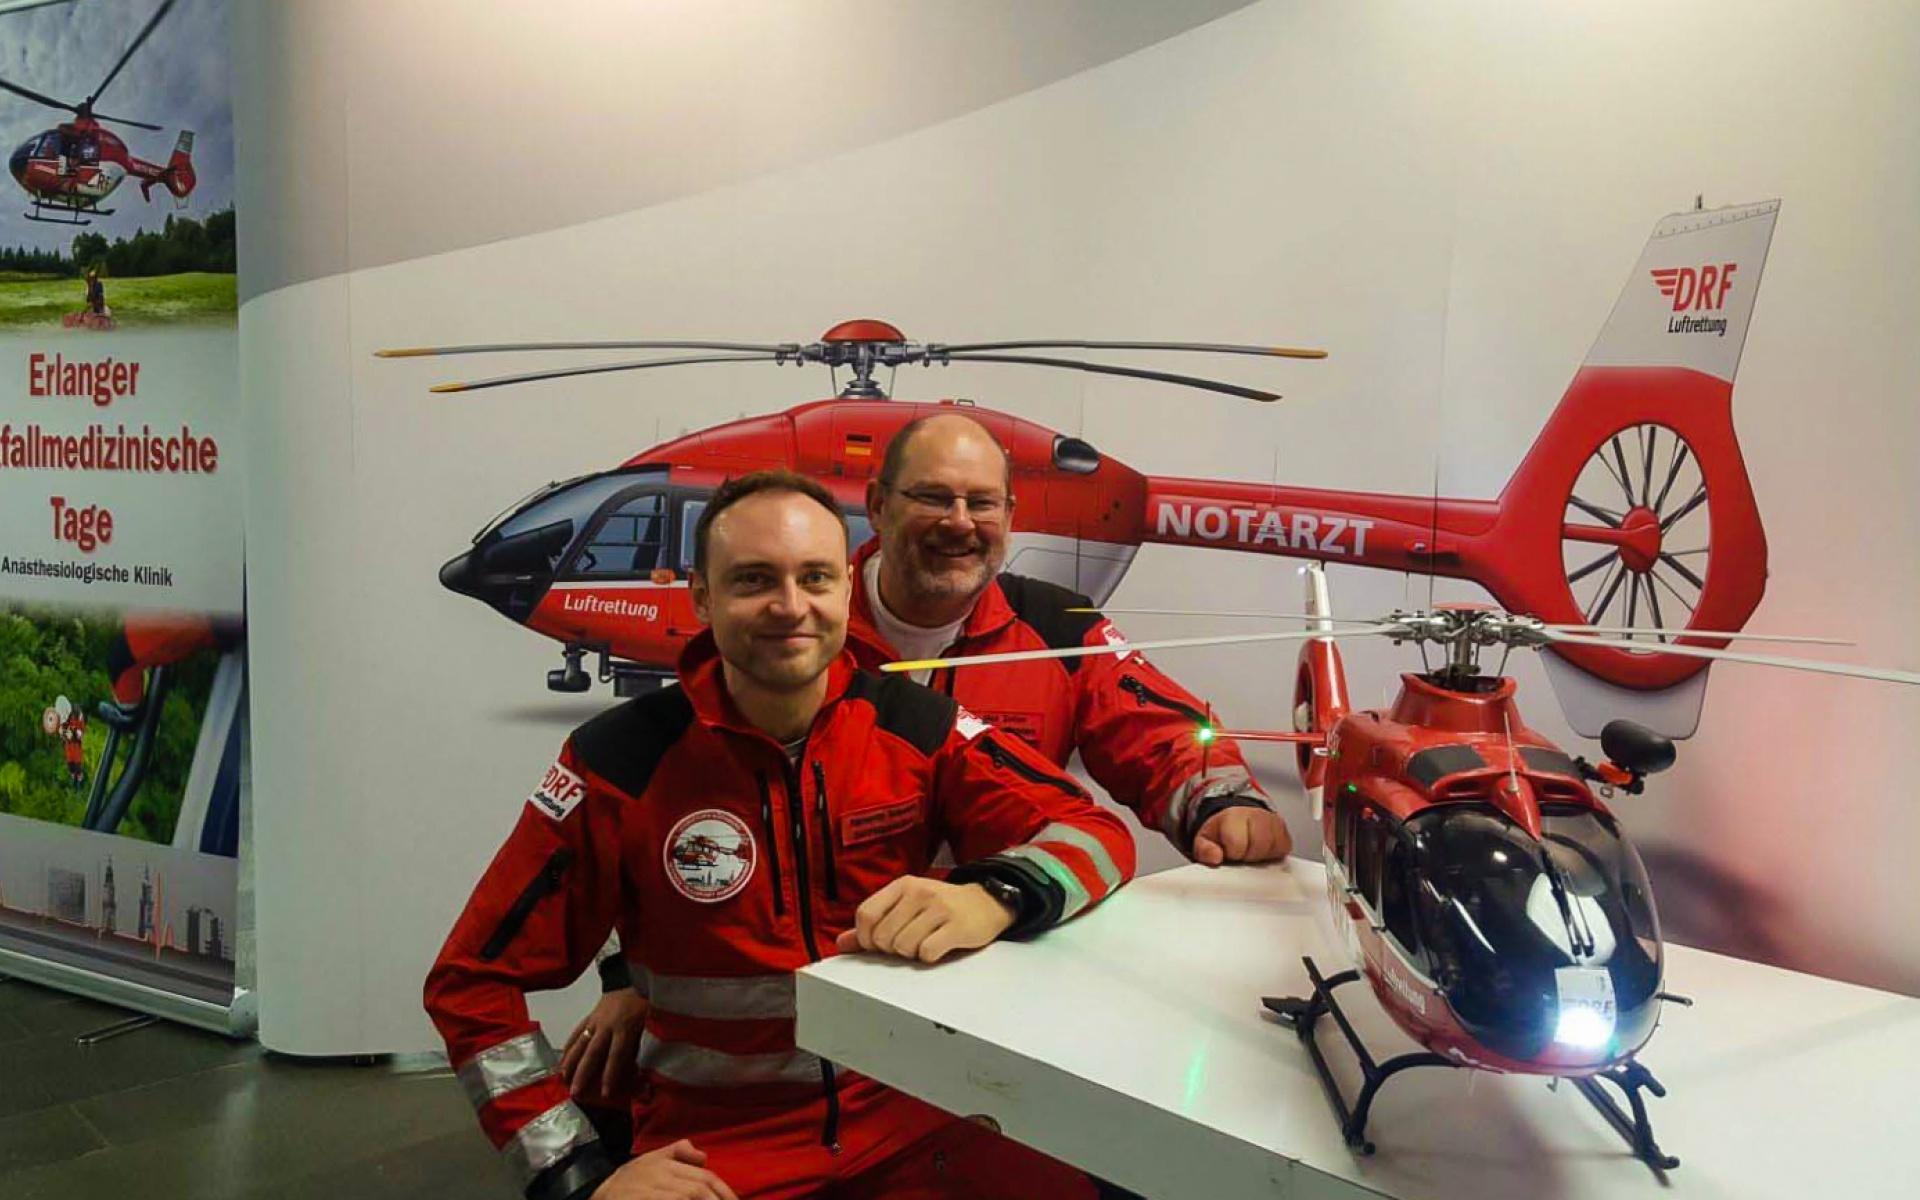 Alexander Schuricht und Zoltan Nick am Stand der DRF Luftrettung bei den 21. Erlanger Notfallmedizinischen Tagen.